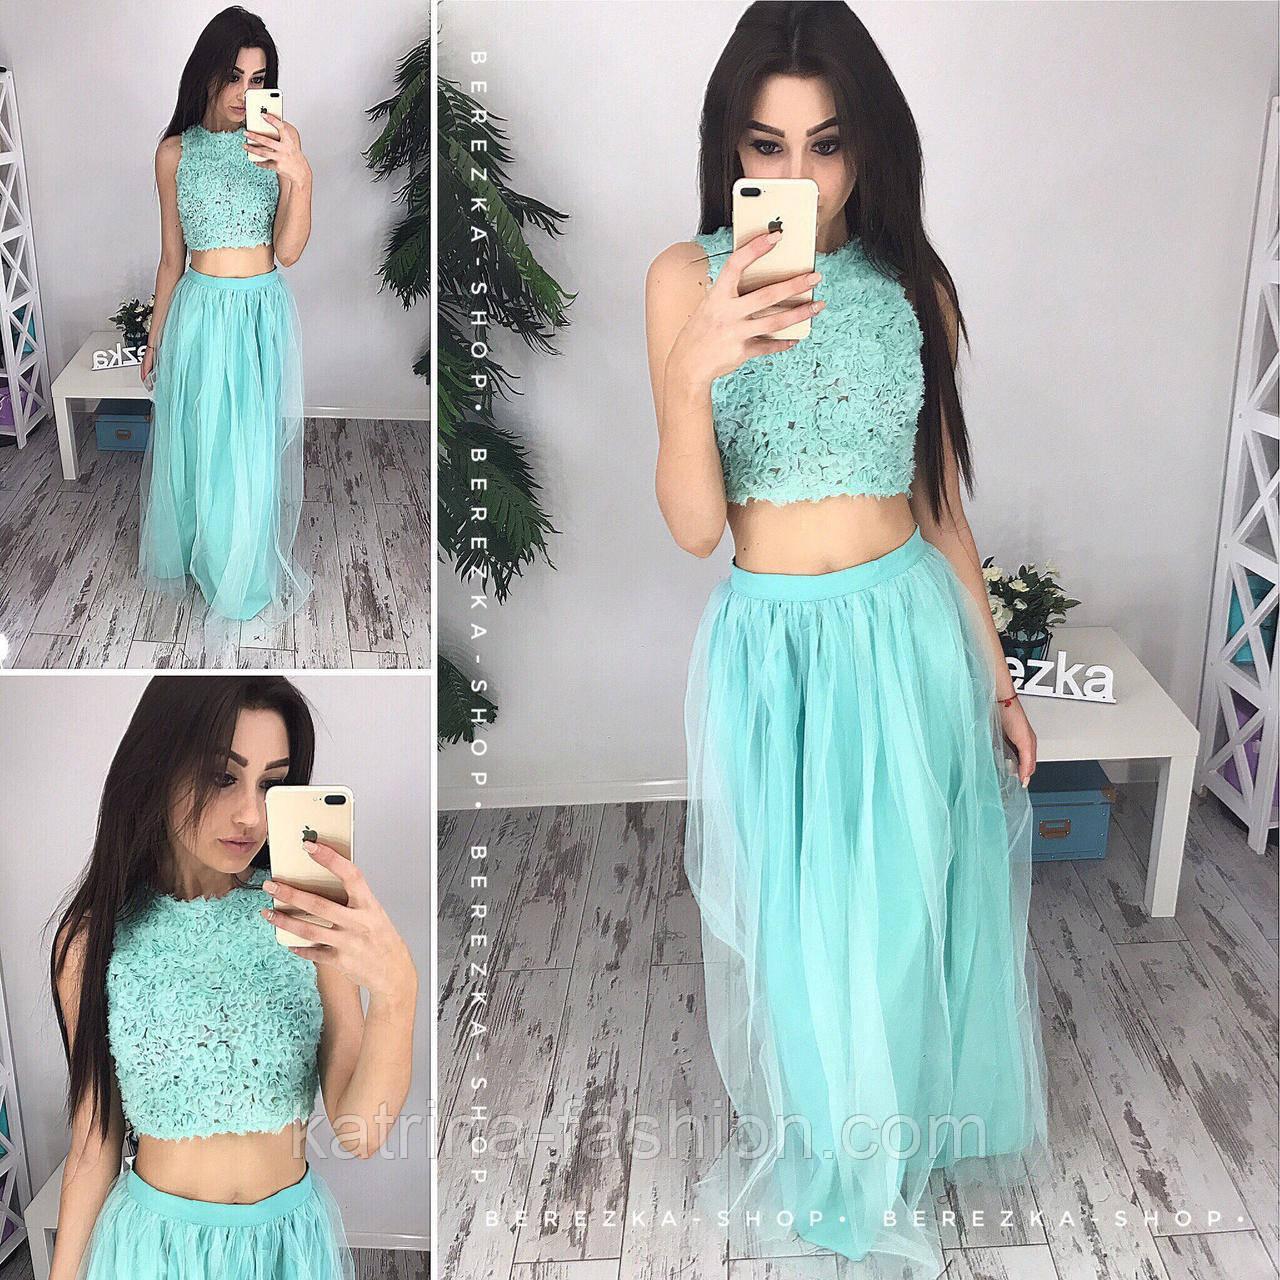 Женский стильный комплект  топ и юбка из фатина (2 цвета)  продажа ... 1cc479bd298